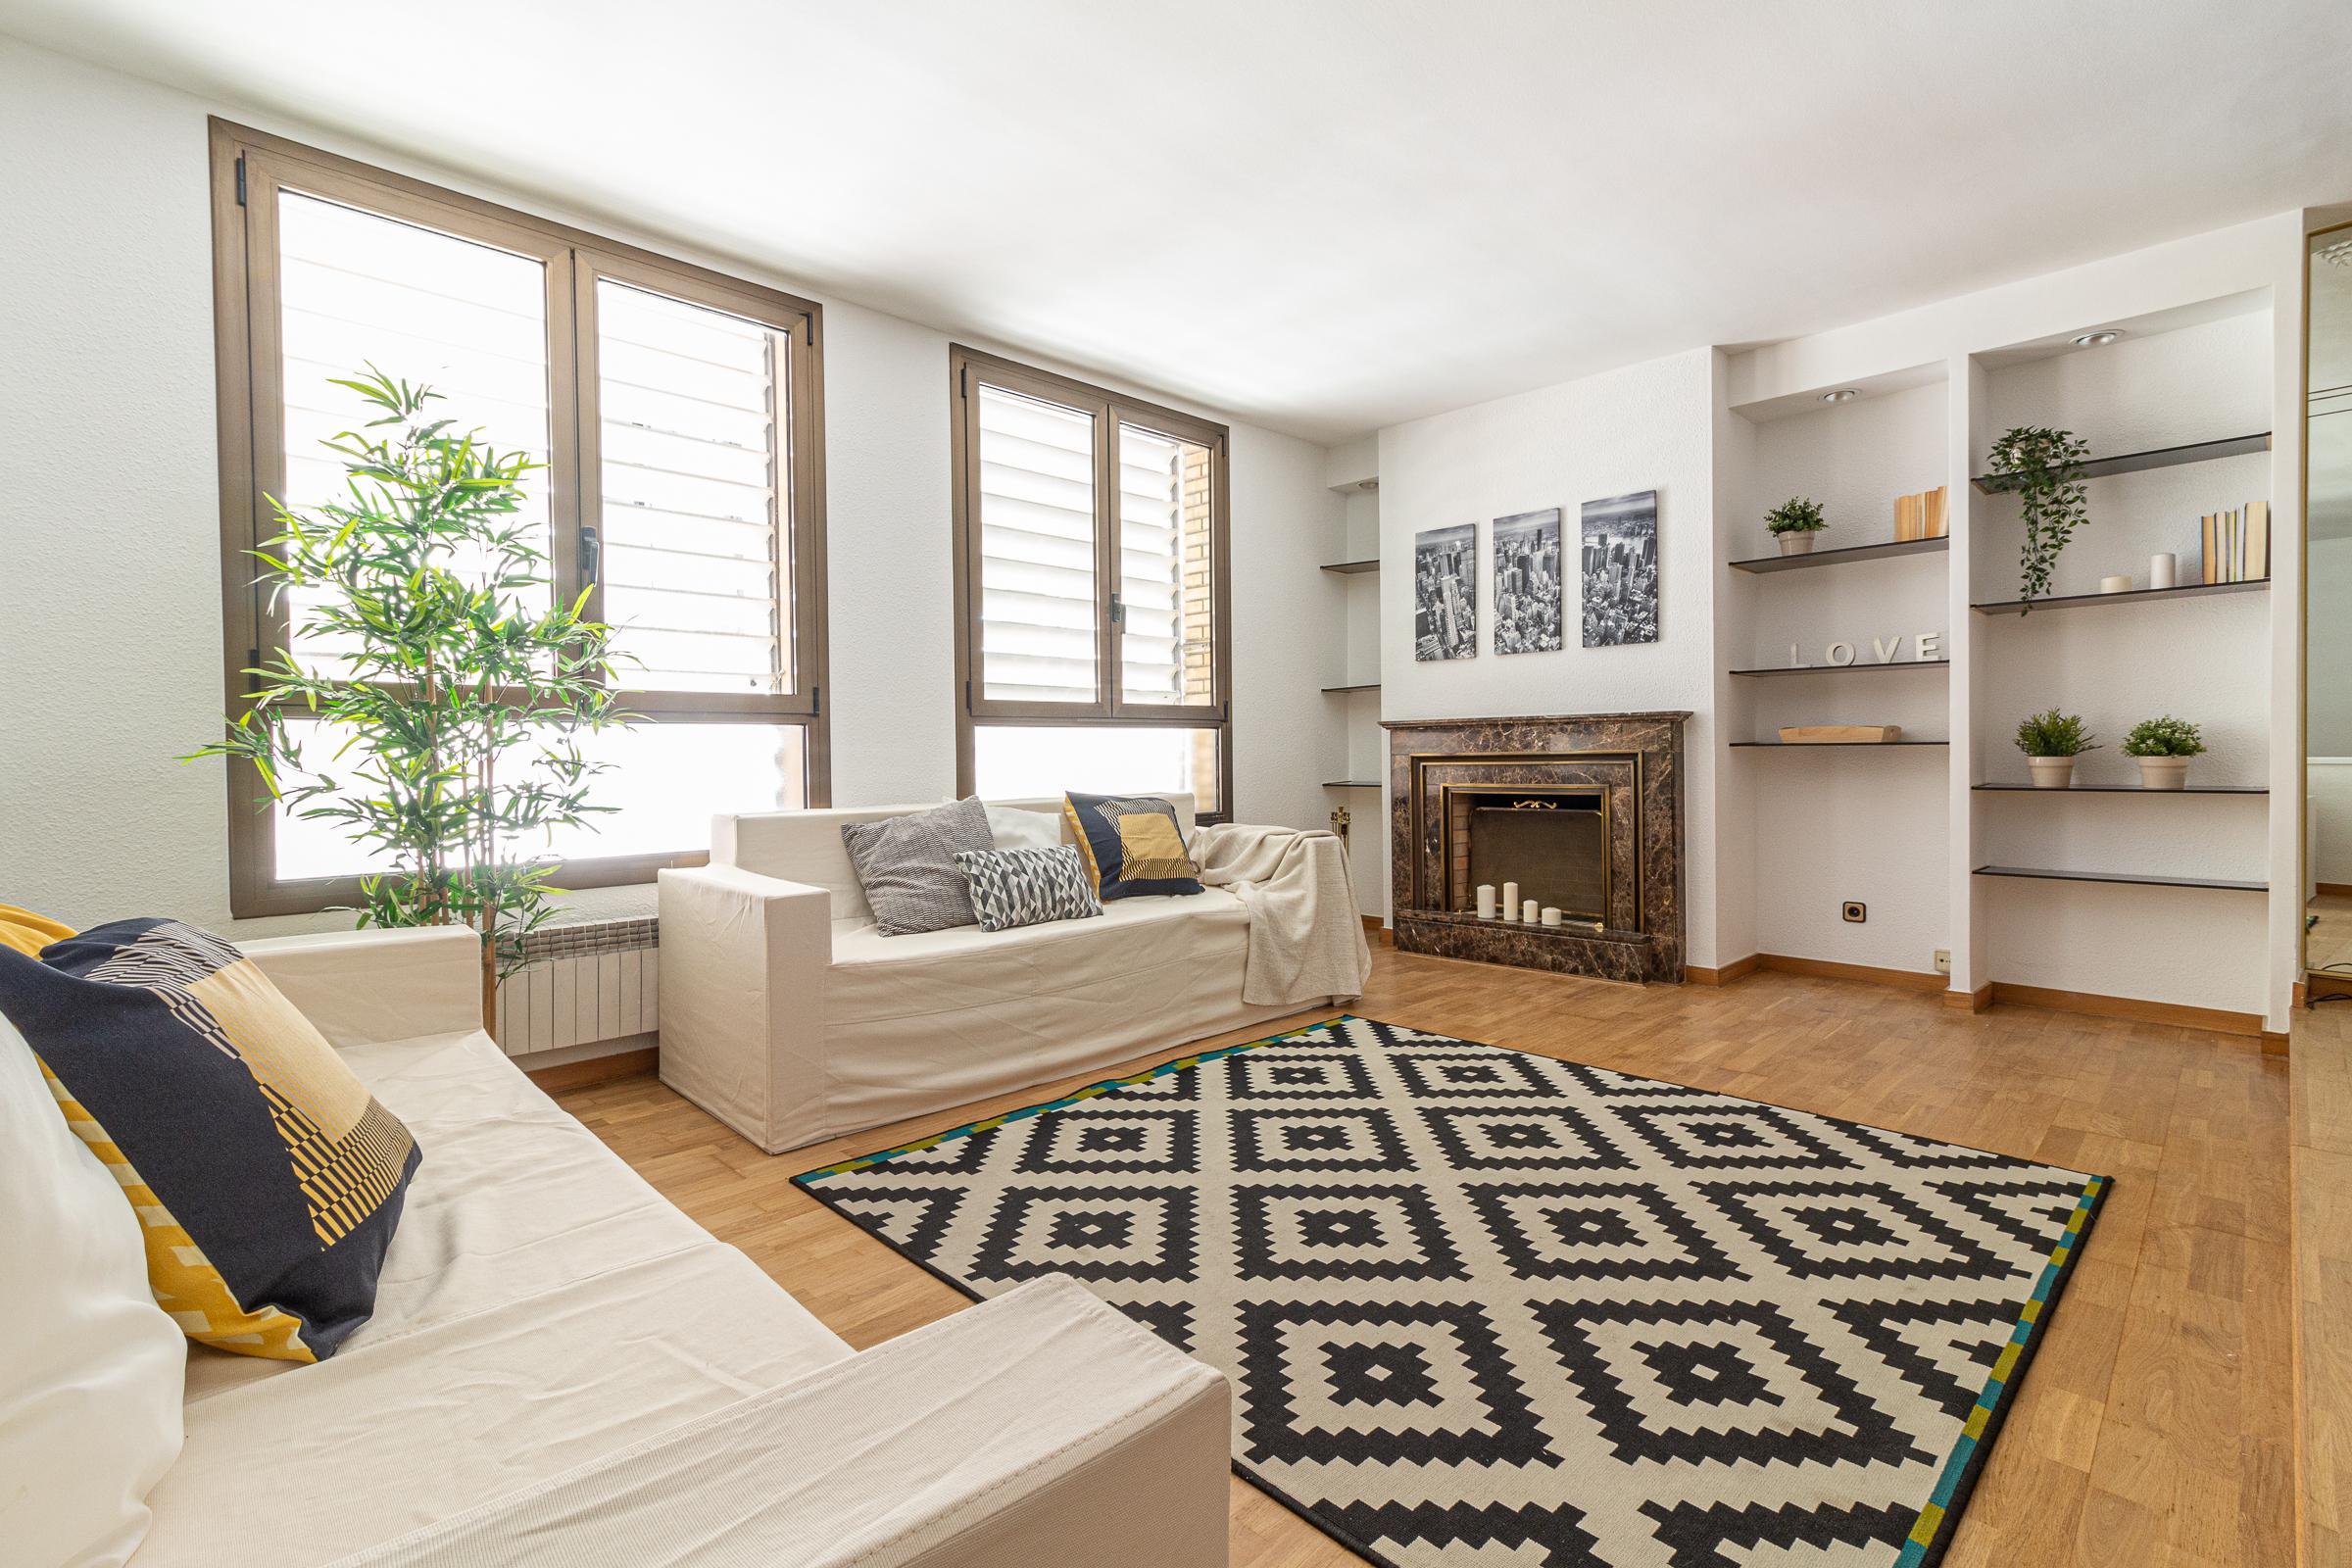 Imagen 1 Casa Adosada en venta en Molins De Rei / En pleno centro de Molins de Rei. Zona peatonal